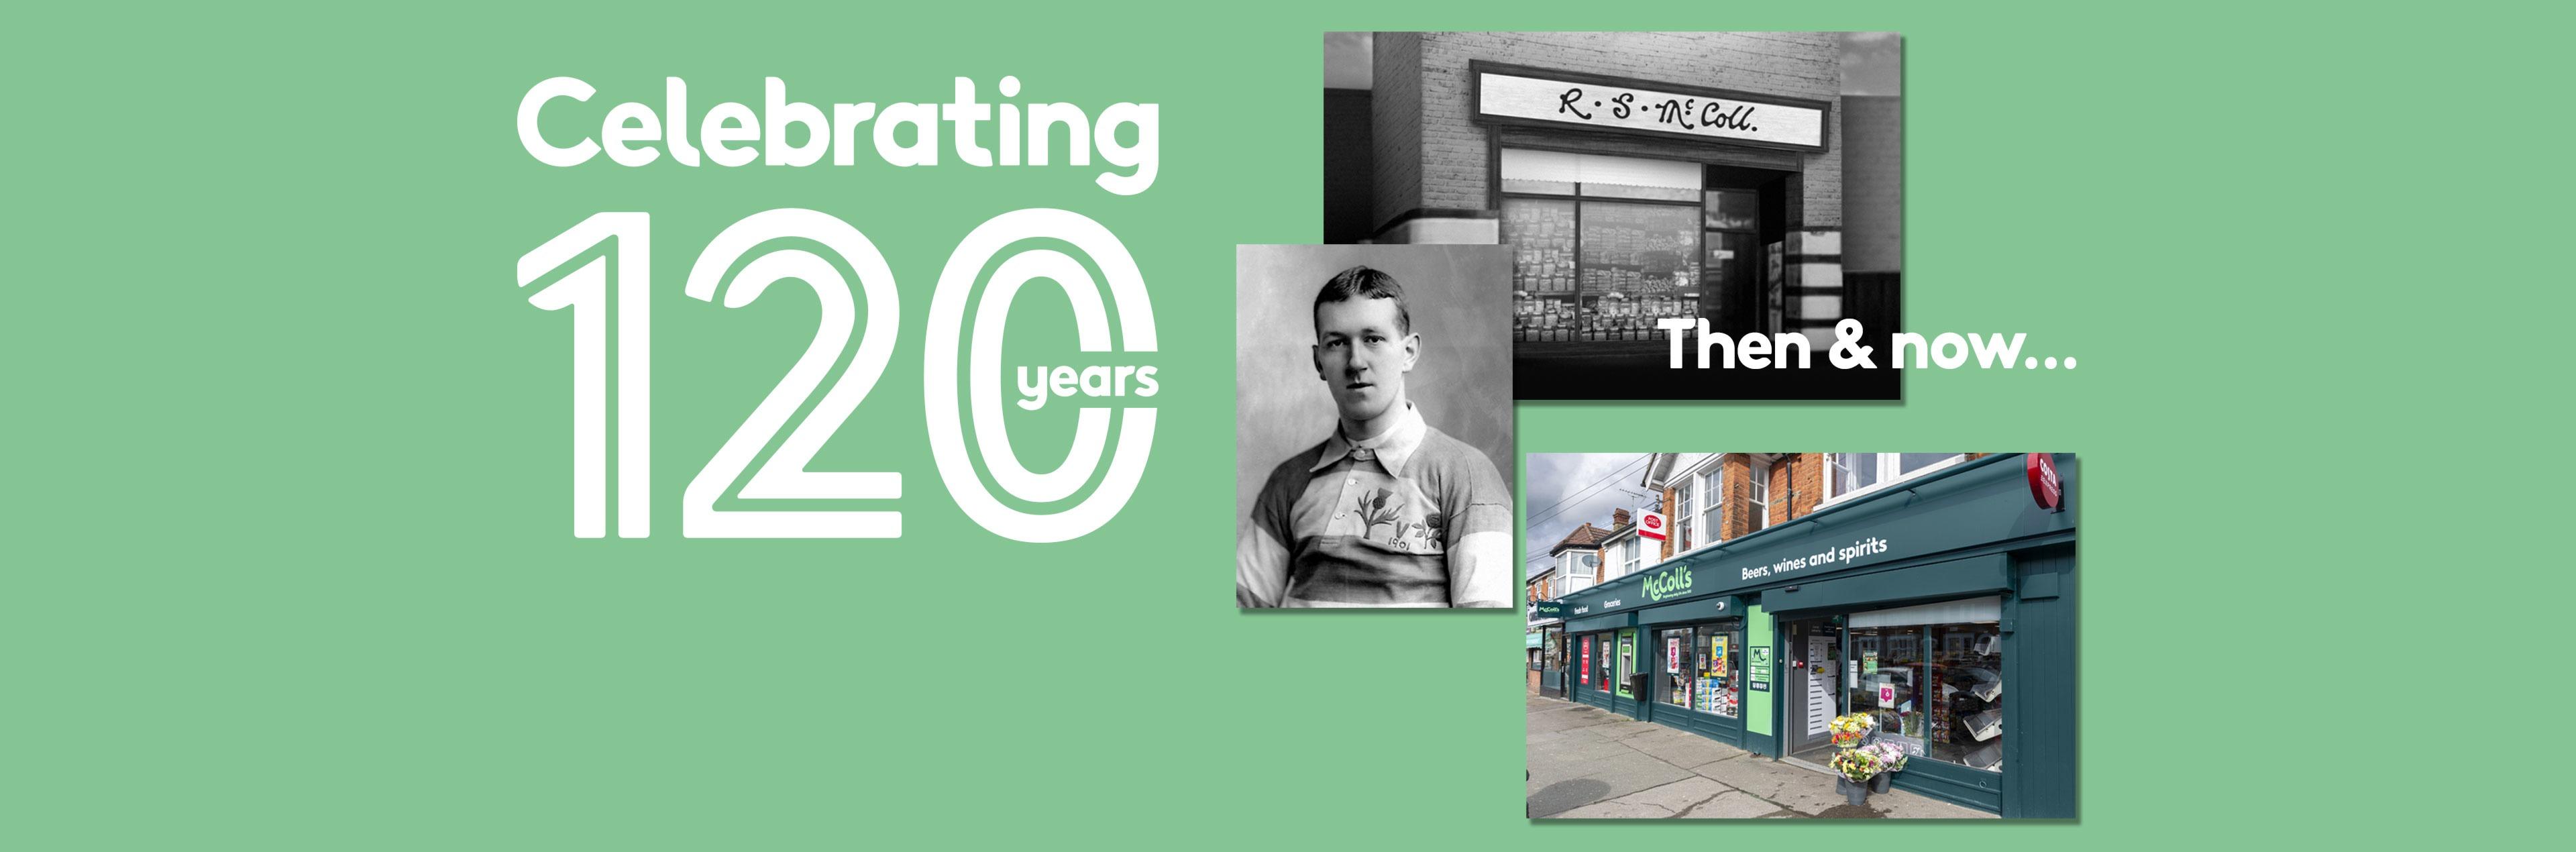 McColl's 120th Anniversary